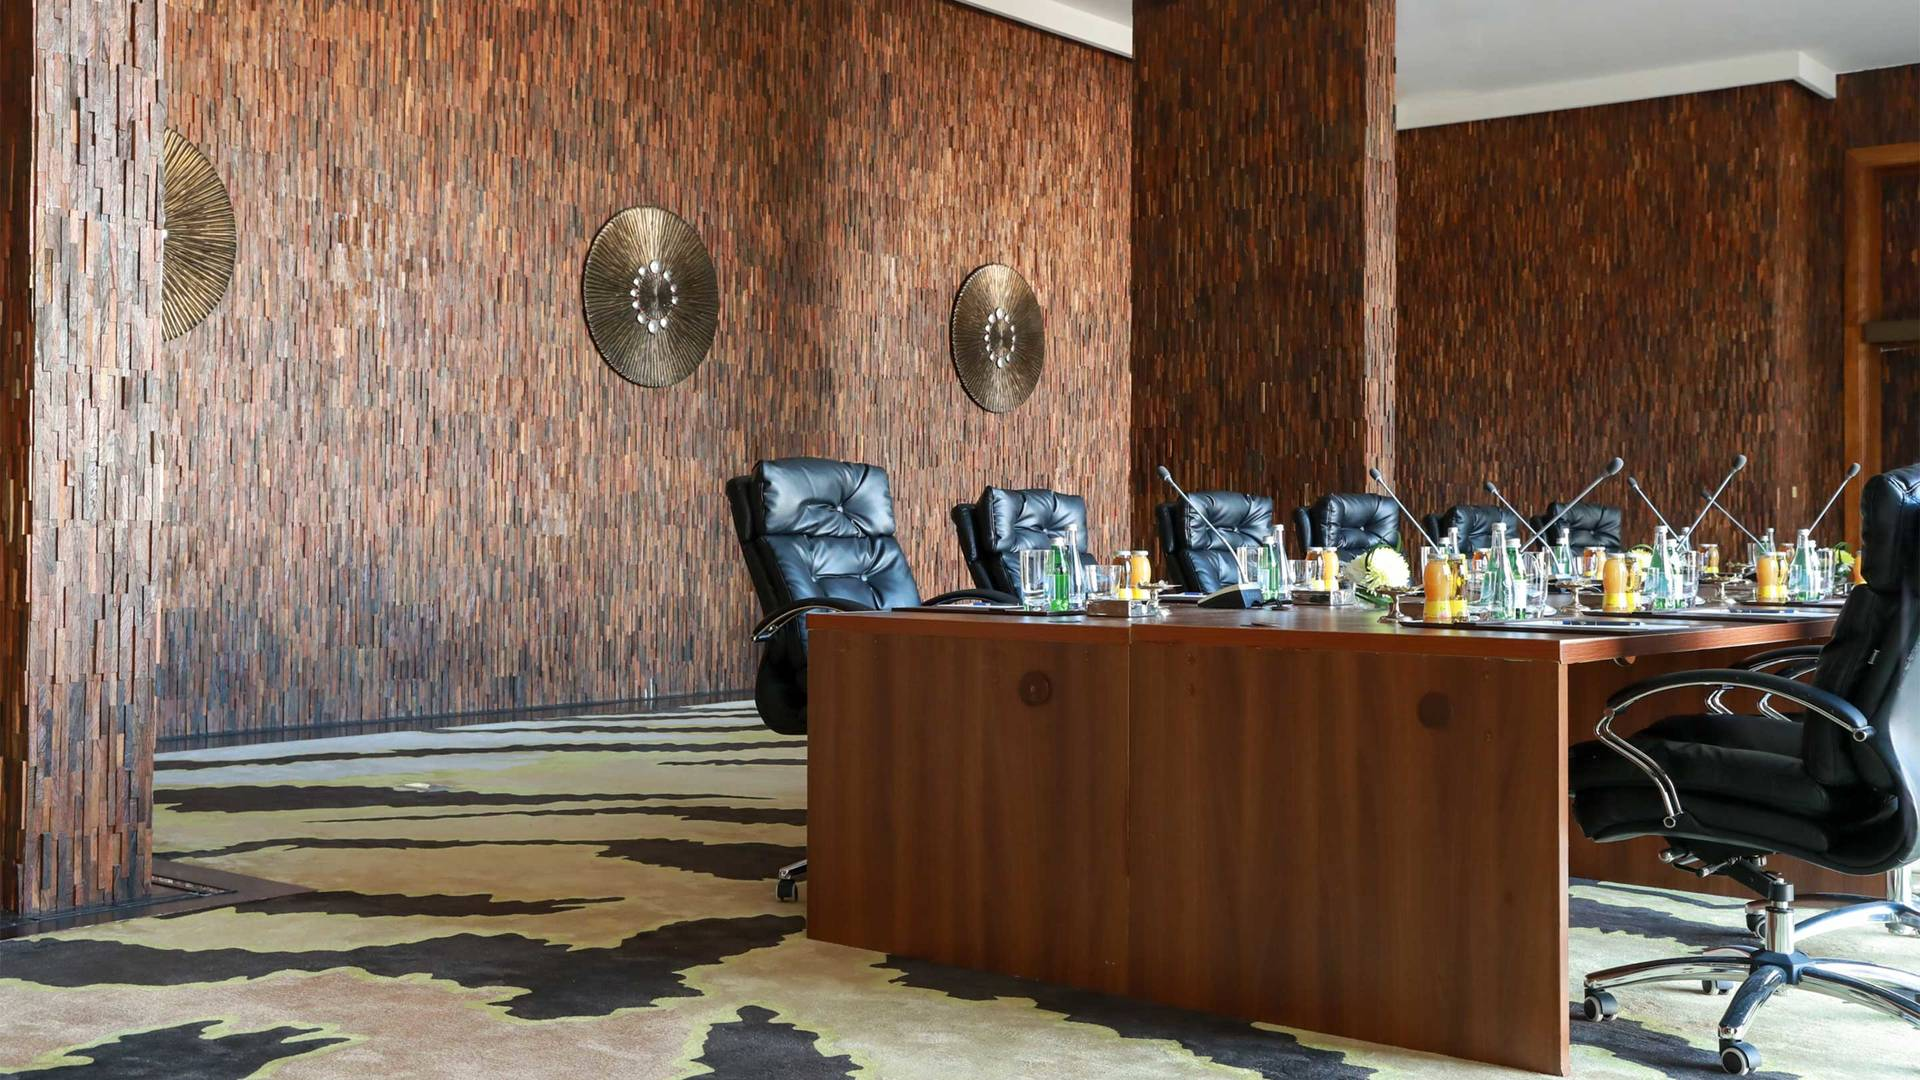 https://cdn.jumeirah.com/-/mediadh/DH/Hospitality/Jumeirah/Hotels/Kuwait/Jumeirah-Messilah-Beach-Hotel-and-Spa/Meeting-Rooms/Al-Sadu/169AlSaduLeft-side-MeetingRoomJumeirahMessilahBeachHotelSpa3_landscape.jpg?h=1080&w=1920&hash=51F32648C67452F78454A2EC5E4C8378